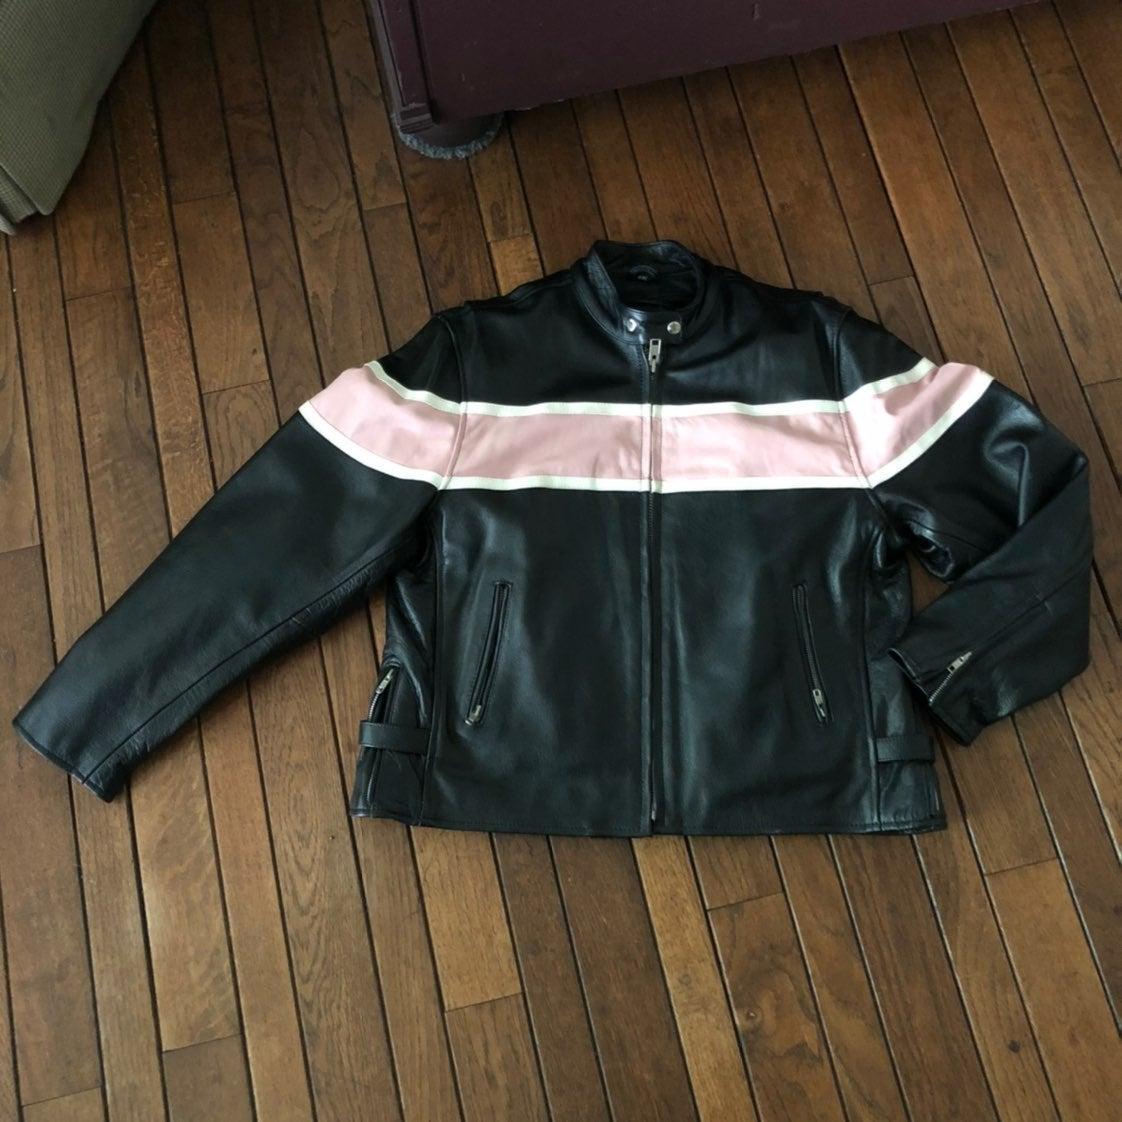 Allstate Leather Jacket Harley-Davidson